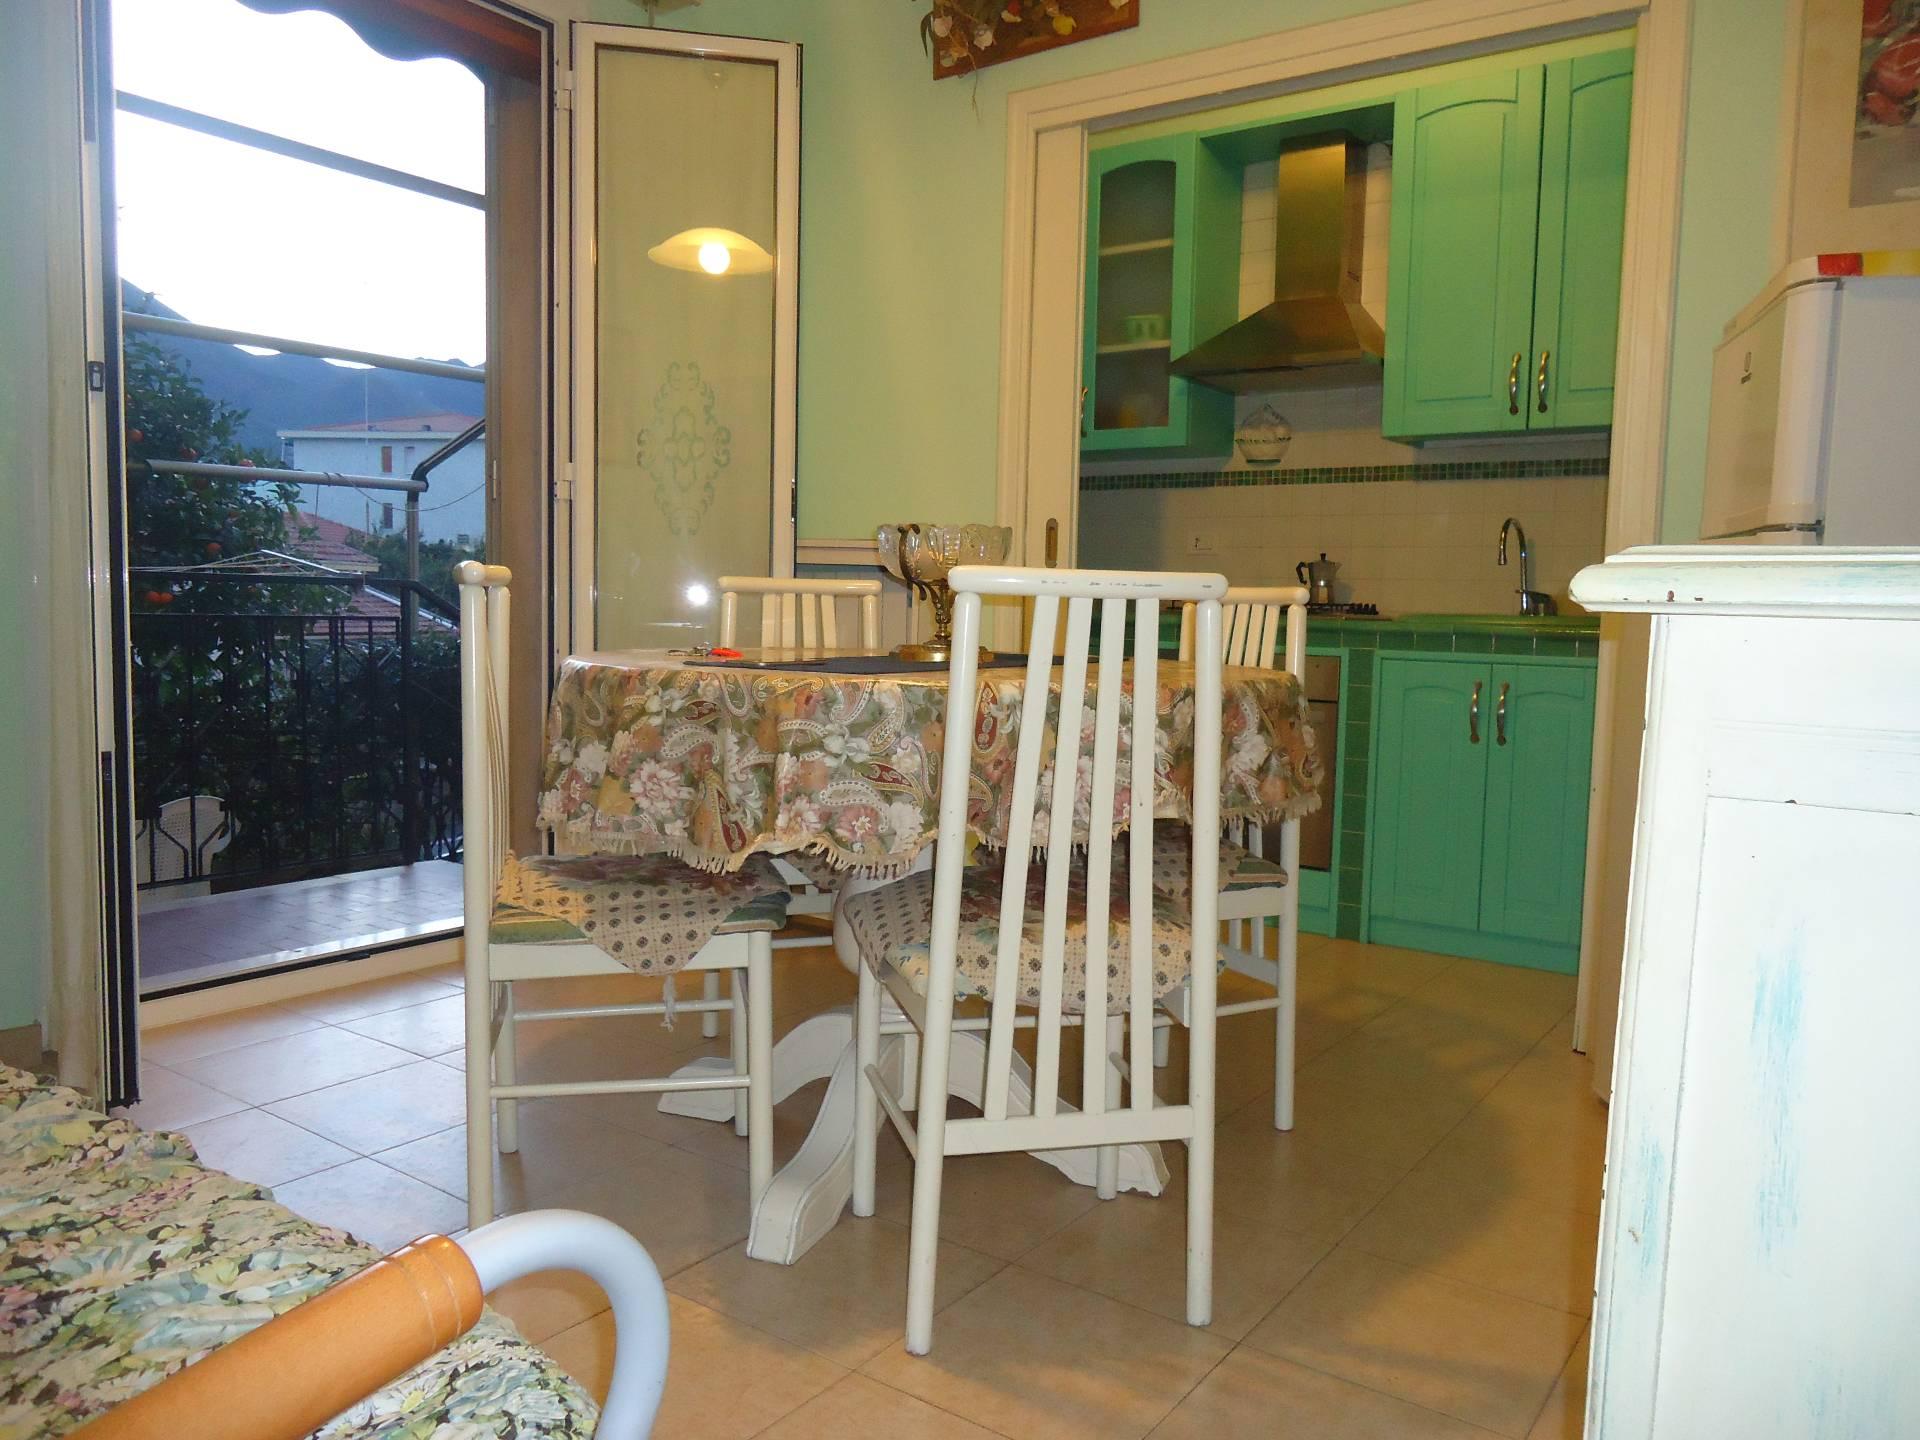 Appartamento in vendita a Loano, 3 locali, prezzo € 270.000 | CambioCasa.it